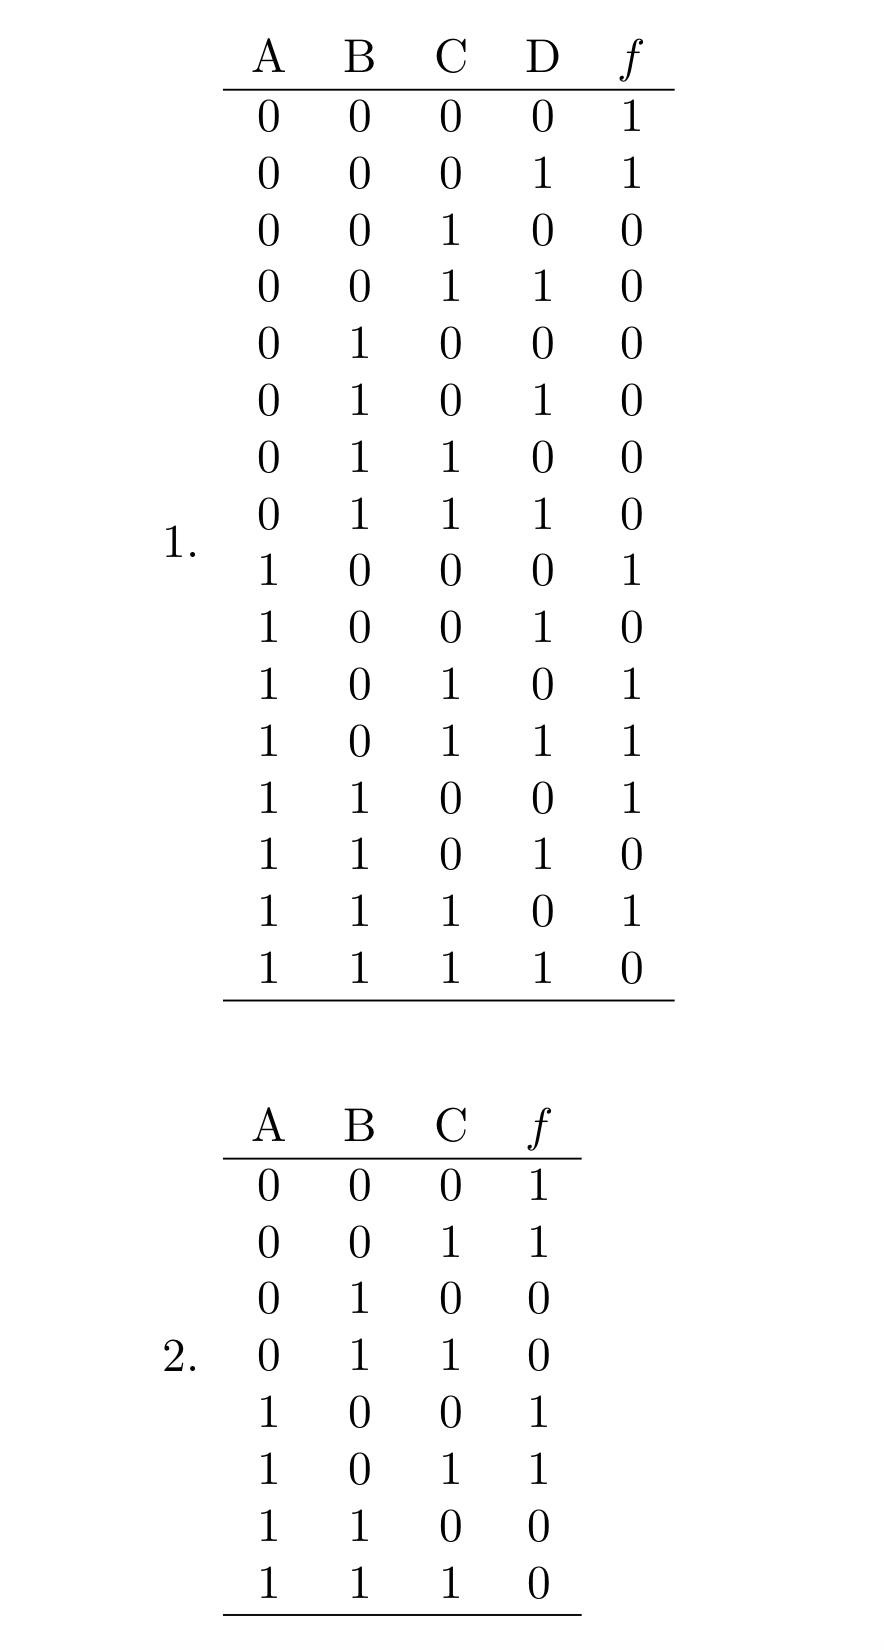 A 0 0 0 0 0 0 0 0 1 1 1 1 1 1 1 1 B 0 0 0 0 1 1 1 1 0 0 0 0 1 1 1 1 C 0 0 1 1 0 0 1 1 0 0 1 1 0 0 1 1 D 0 1 0 1 0 1 0 1 0 1 0